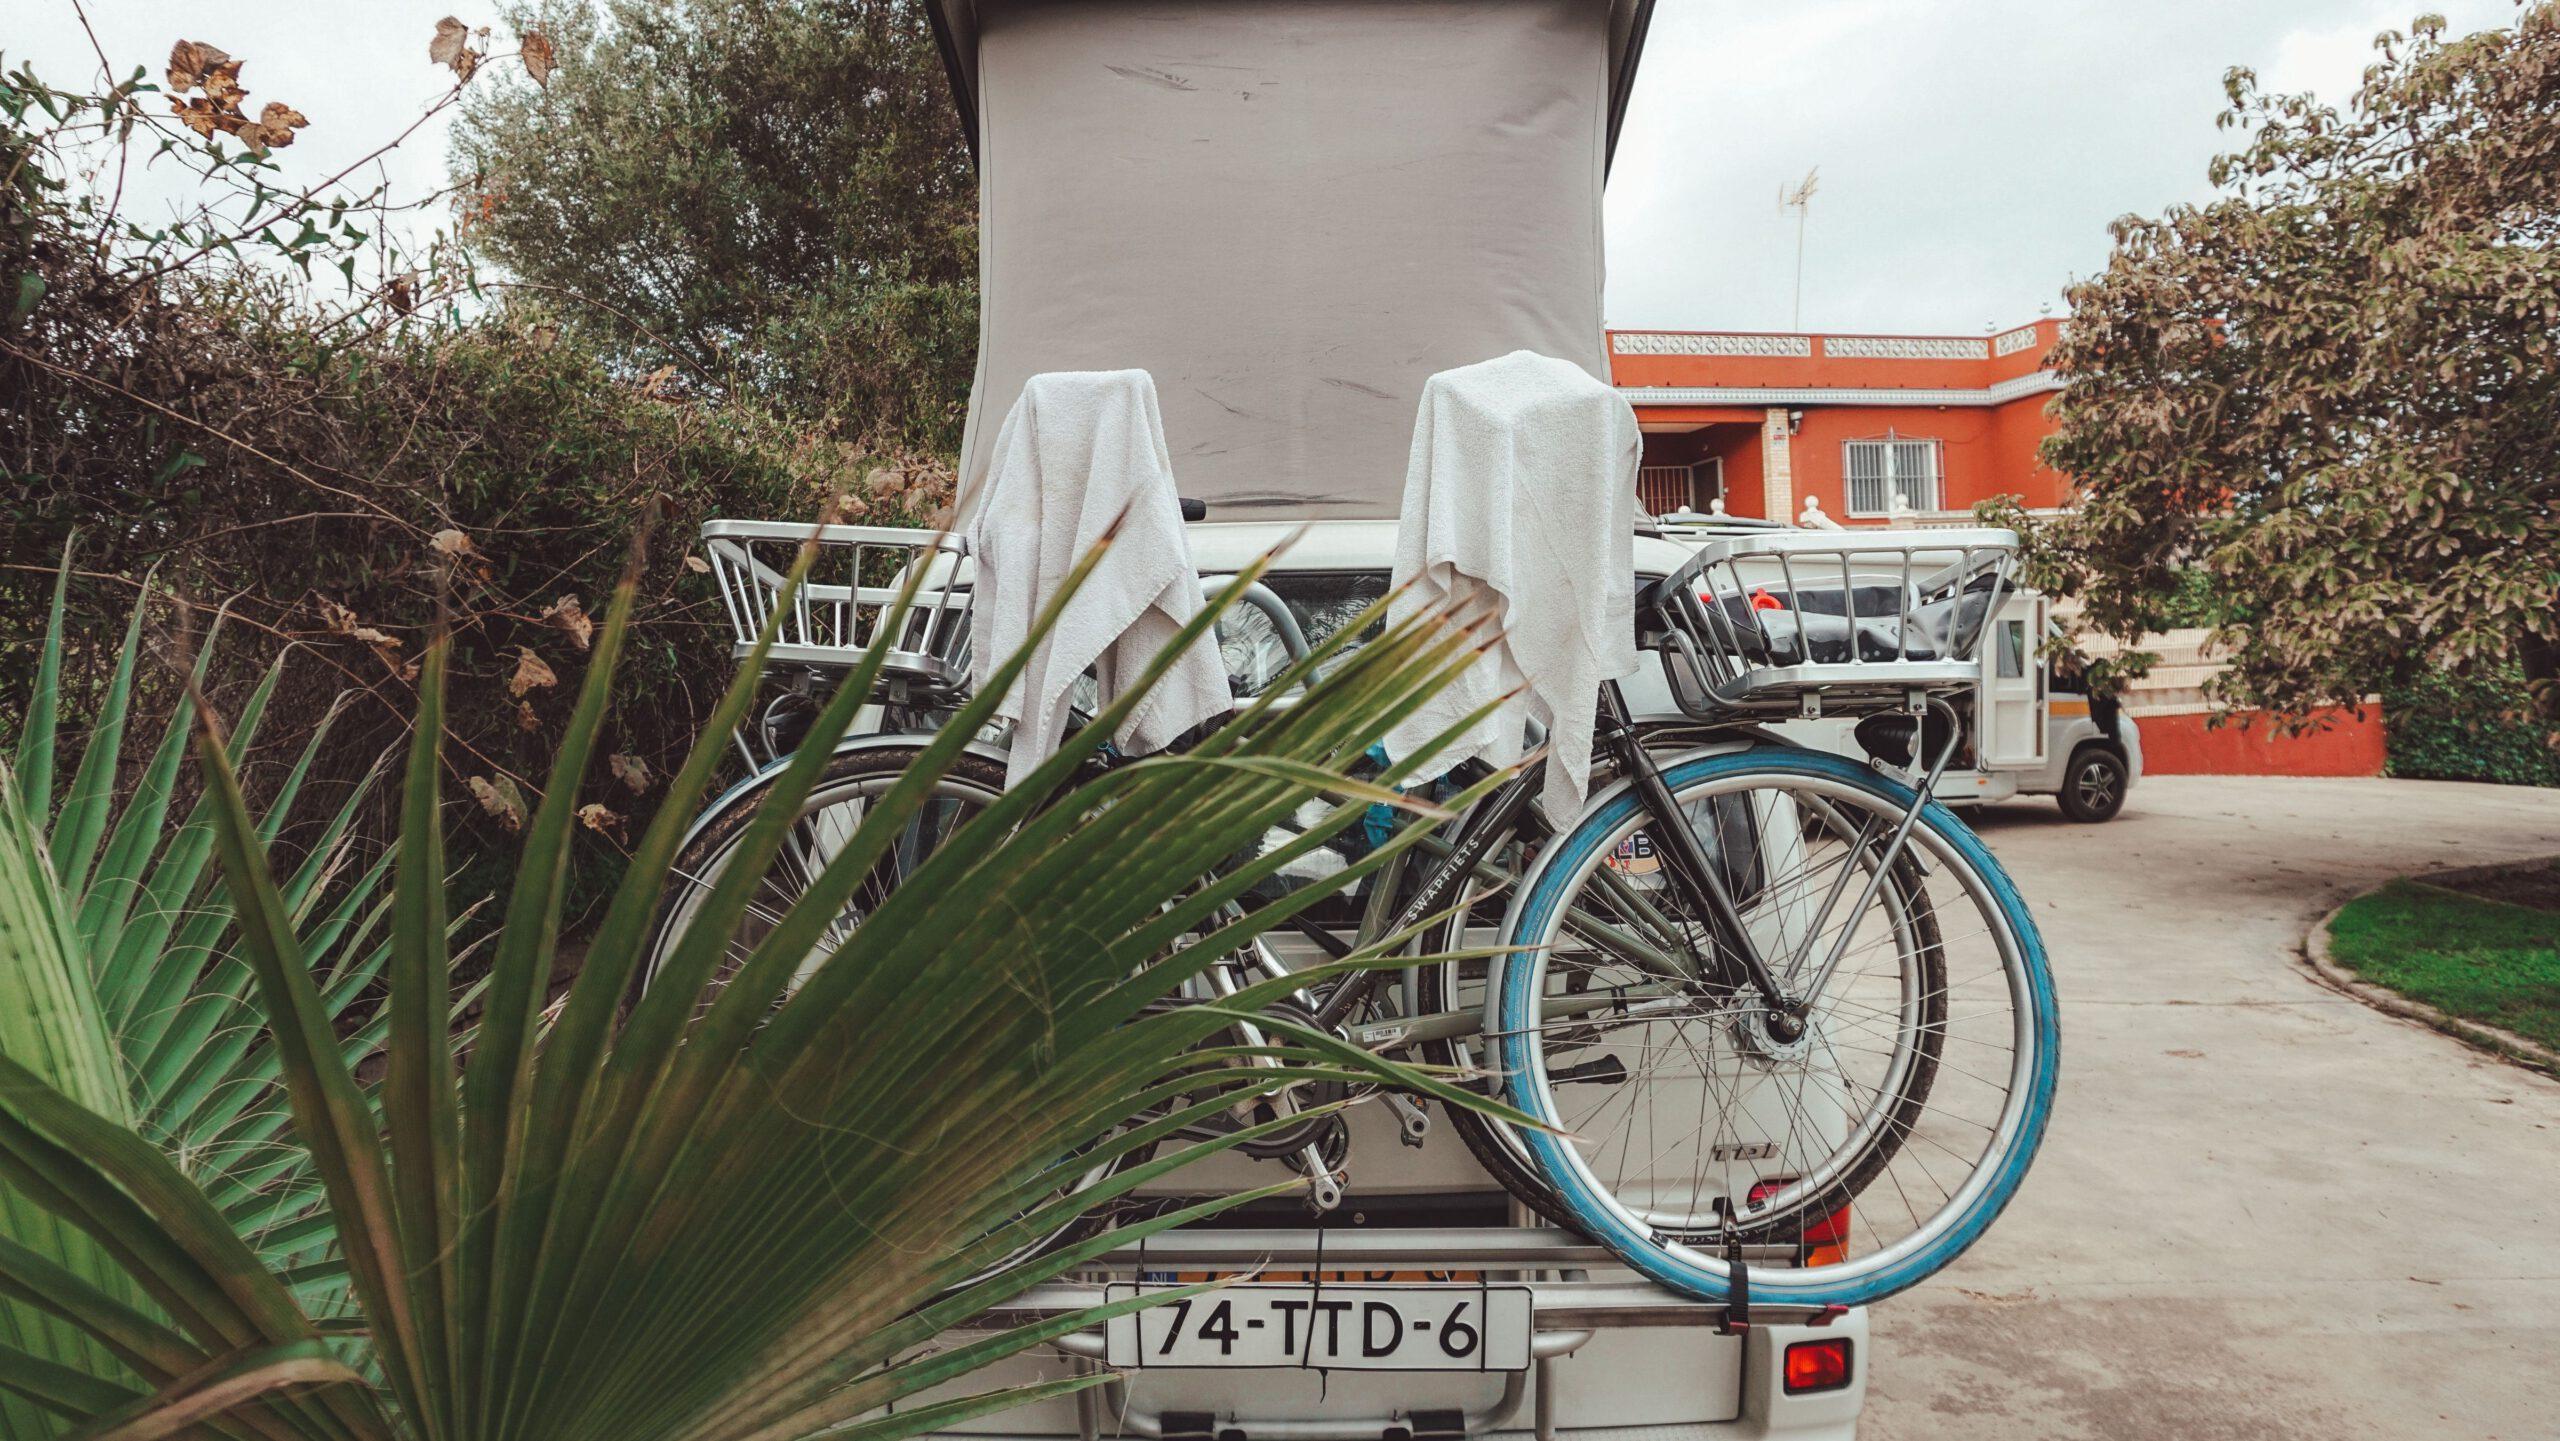 Campervan Parking Kitesurf Spain - 6